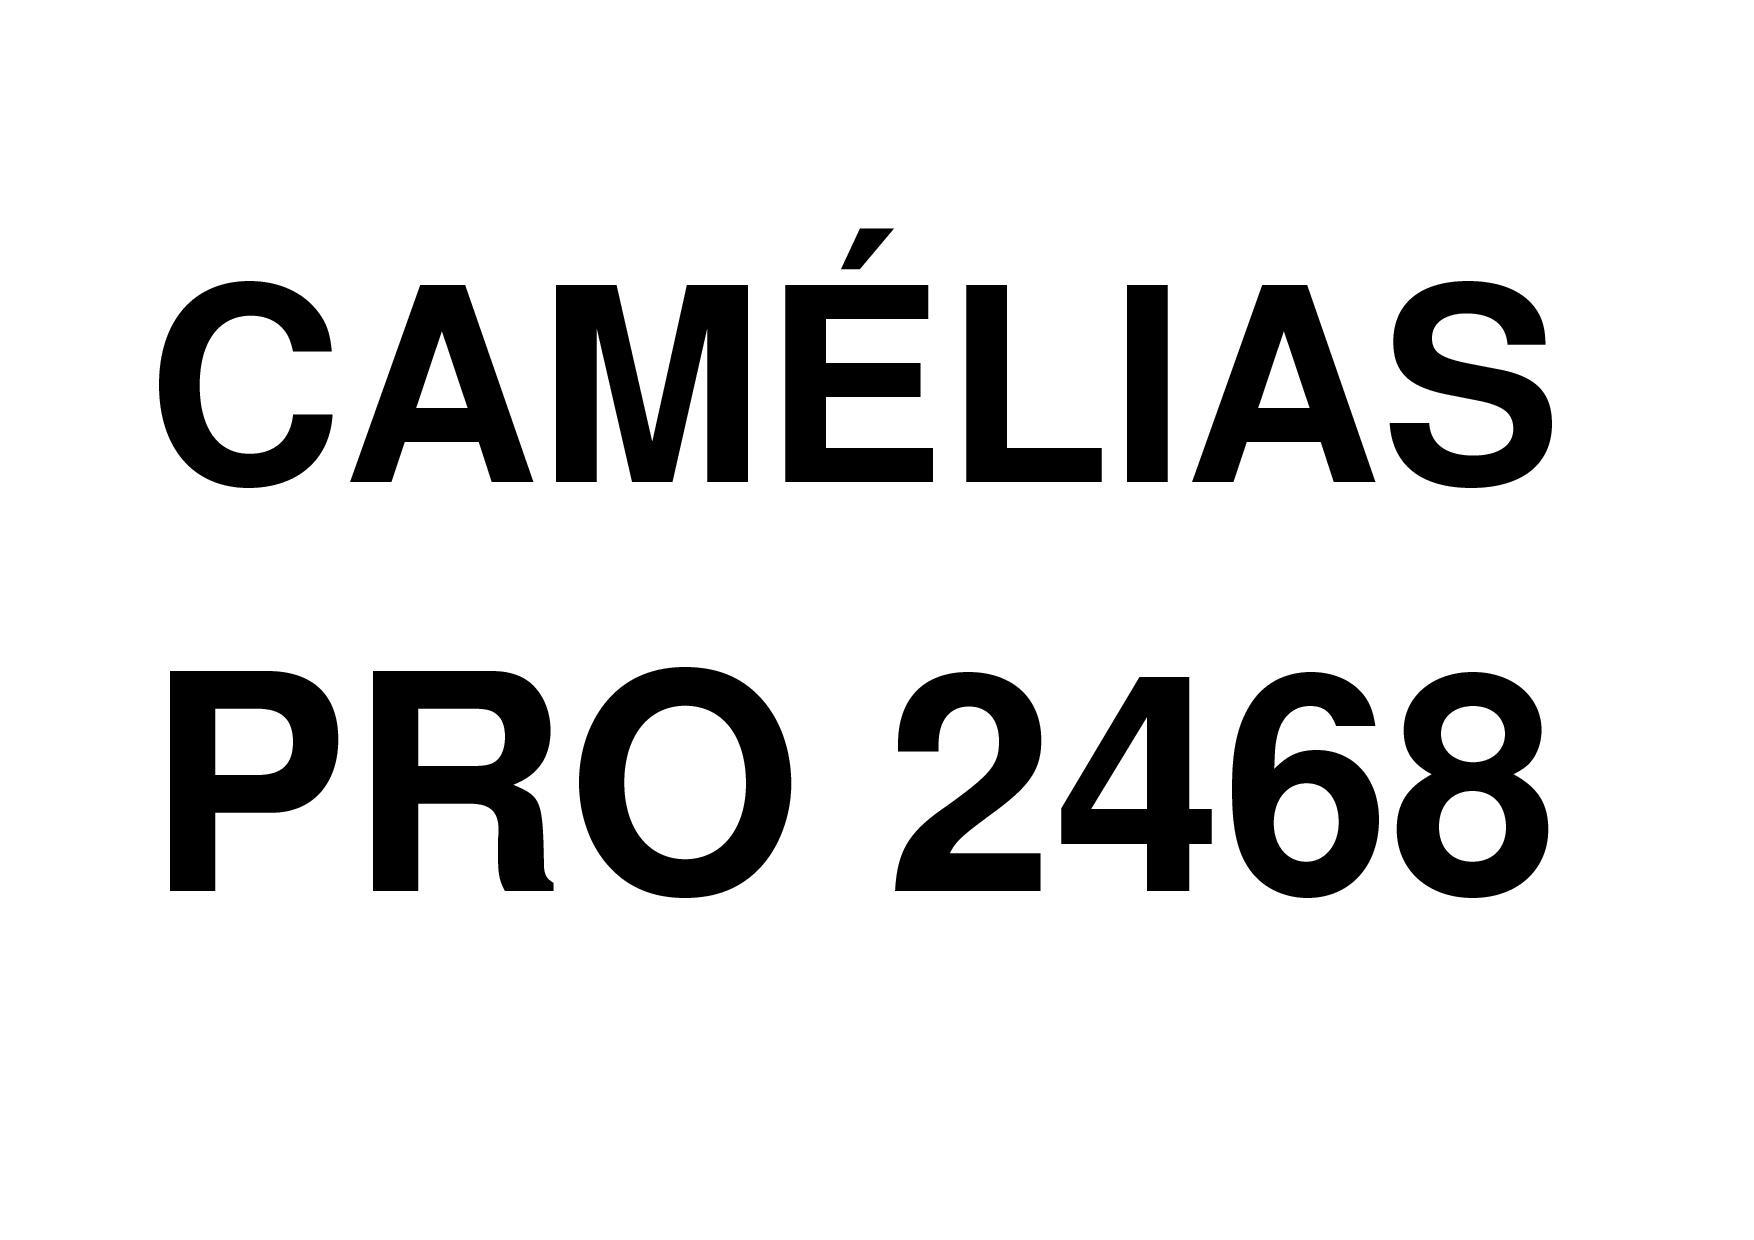 Camelias PRO 2468